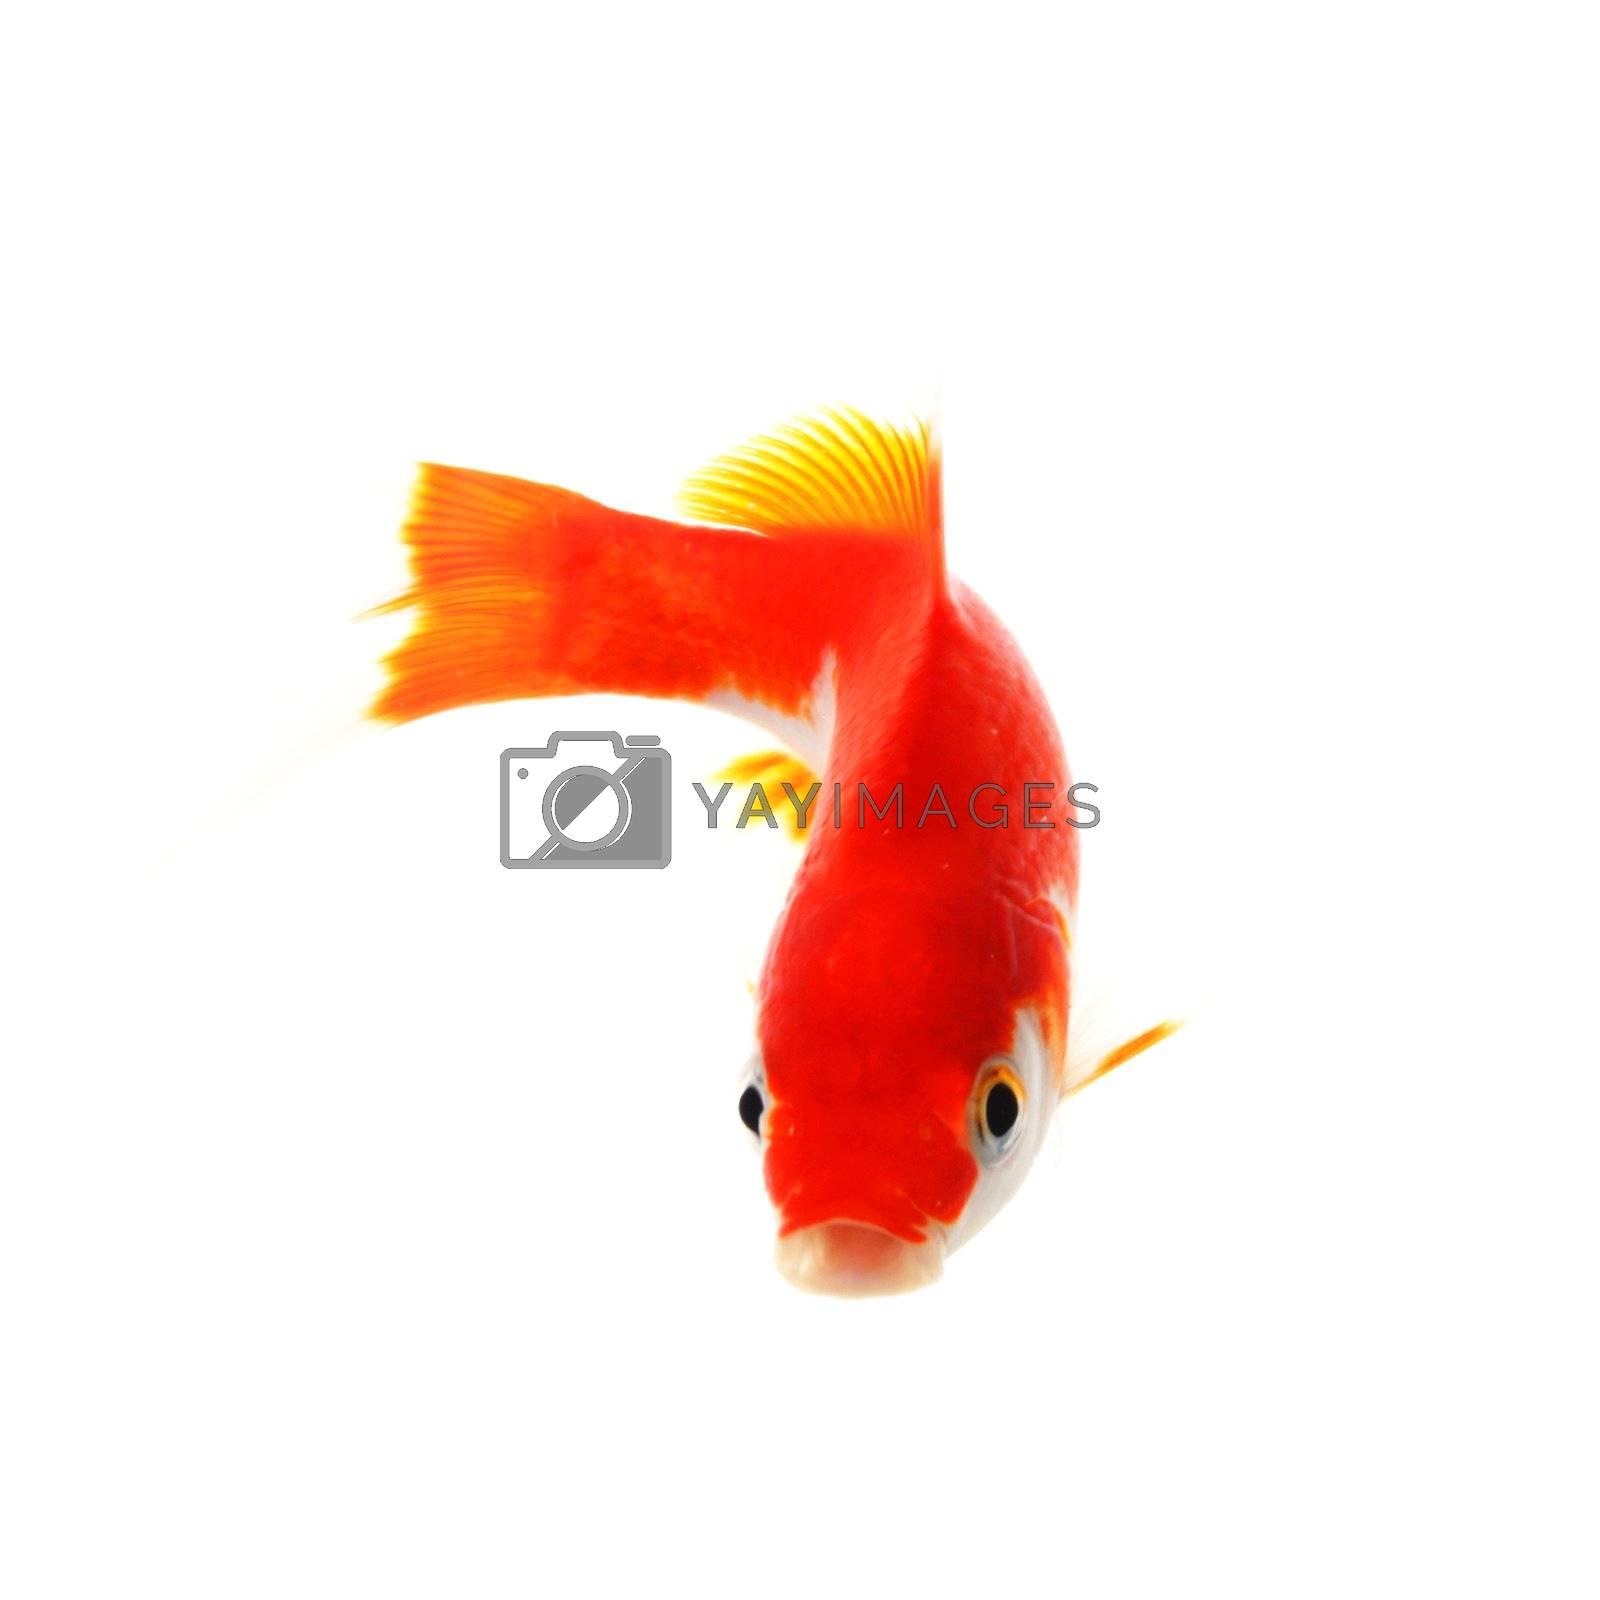 goldfish or fish isolated on white background